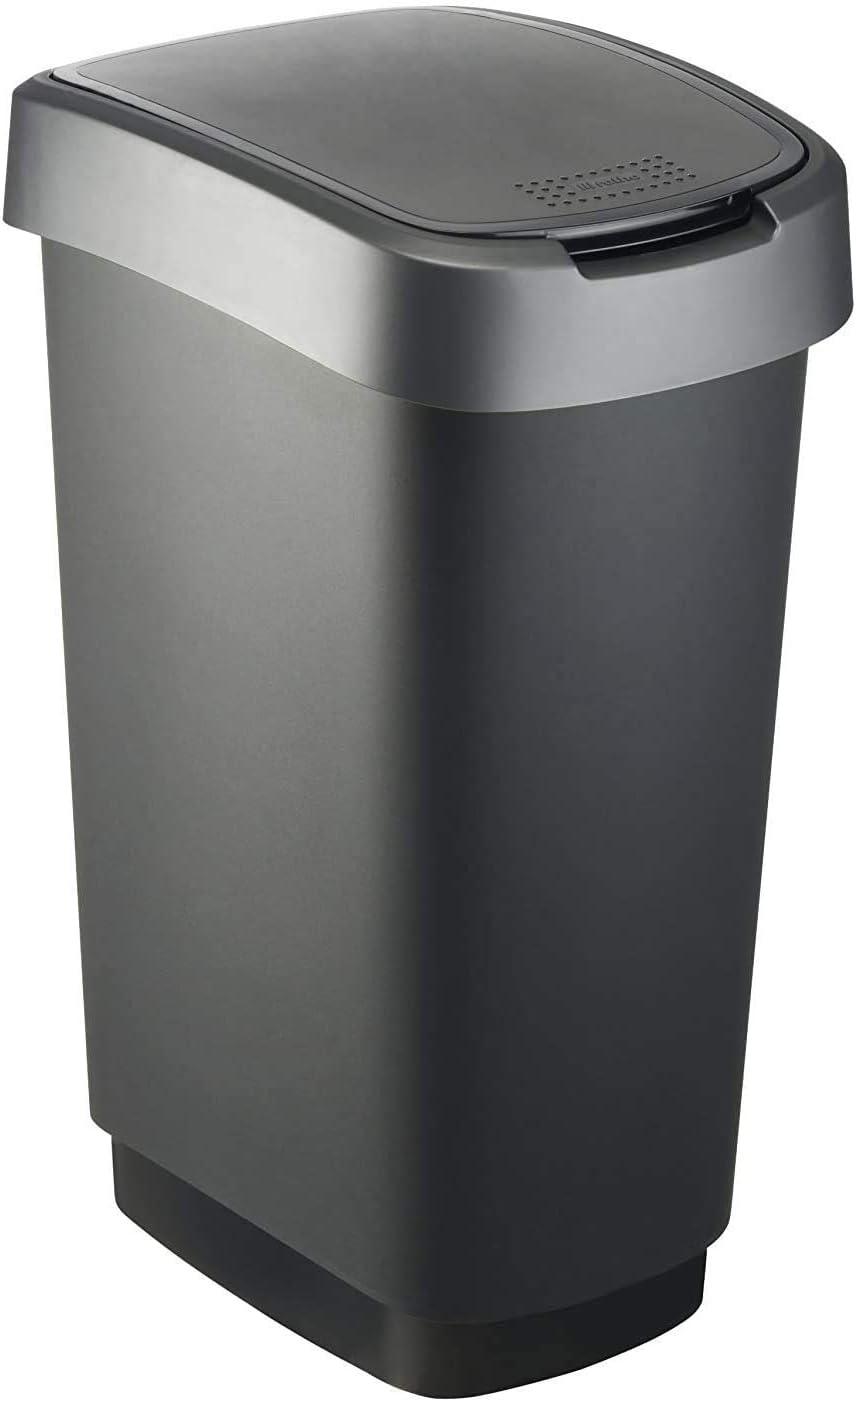 Rotho Twist, Cubo de basura de 50l con tapa, puede ser usado como tapa abatible o con bisagras, Plástico PP sin BPA, negro, plateado, 50l 40.1 x 29.8 x 60.2 cm